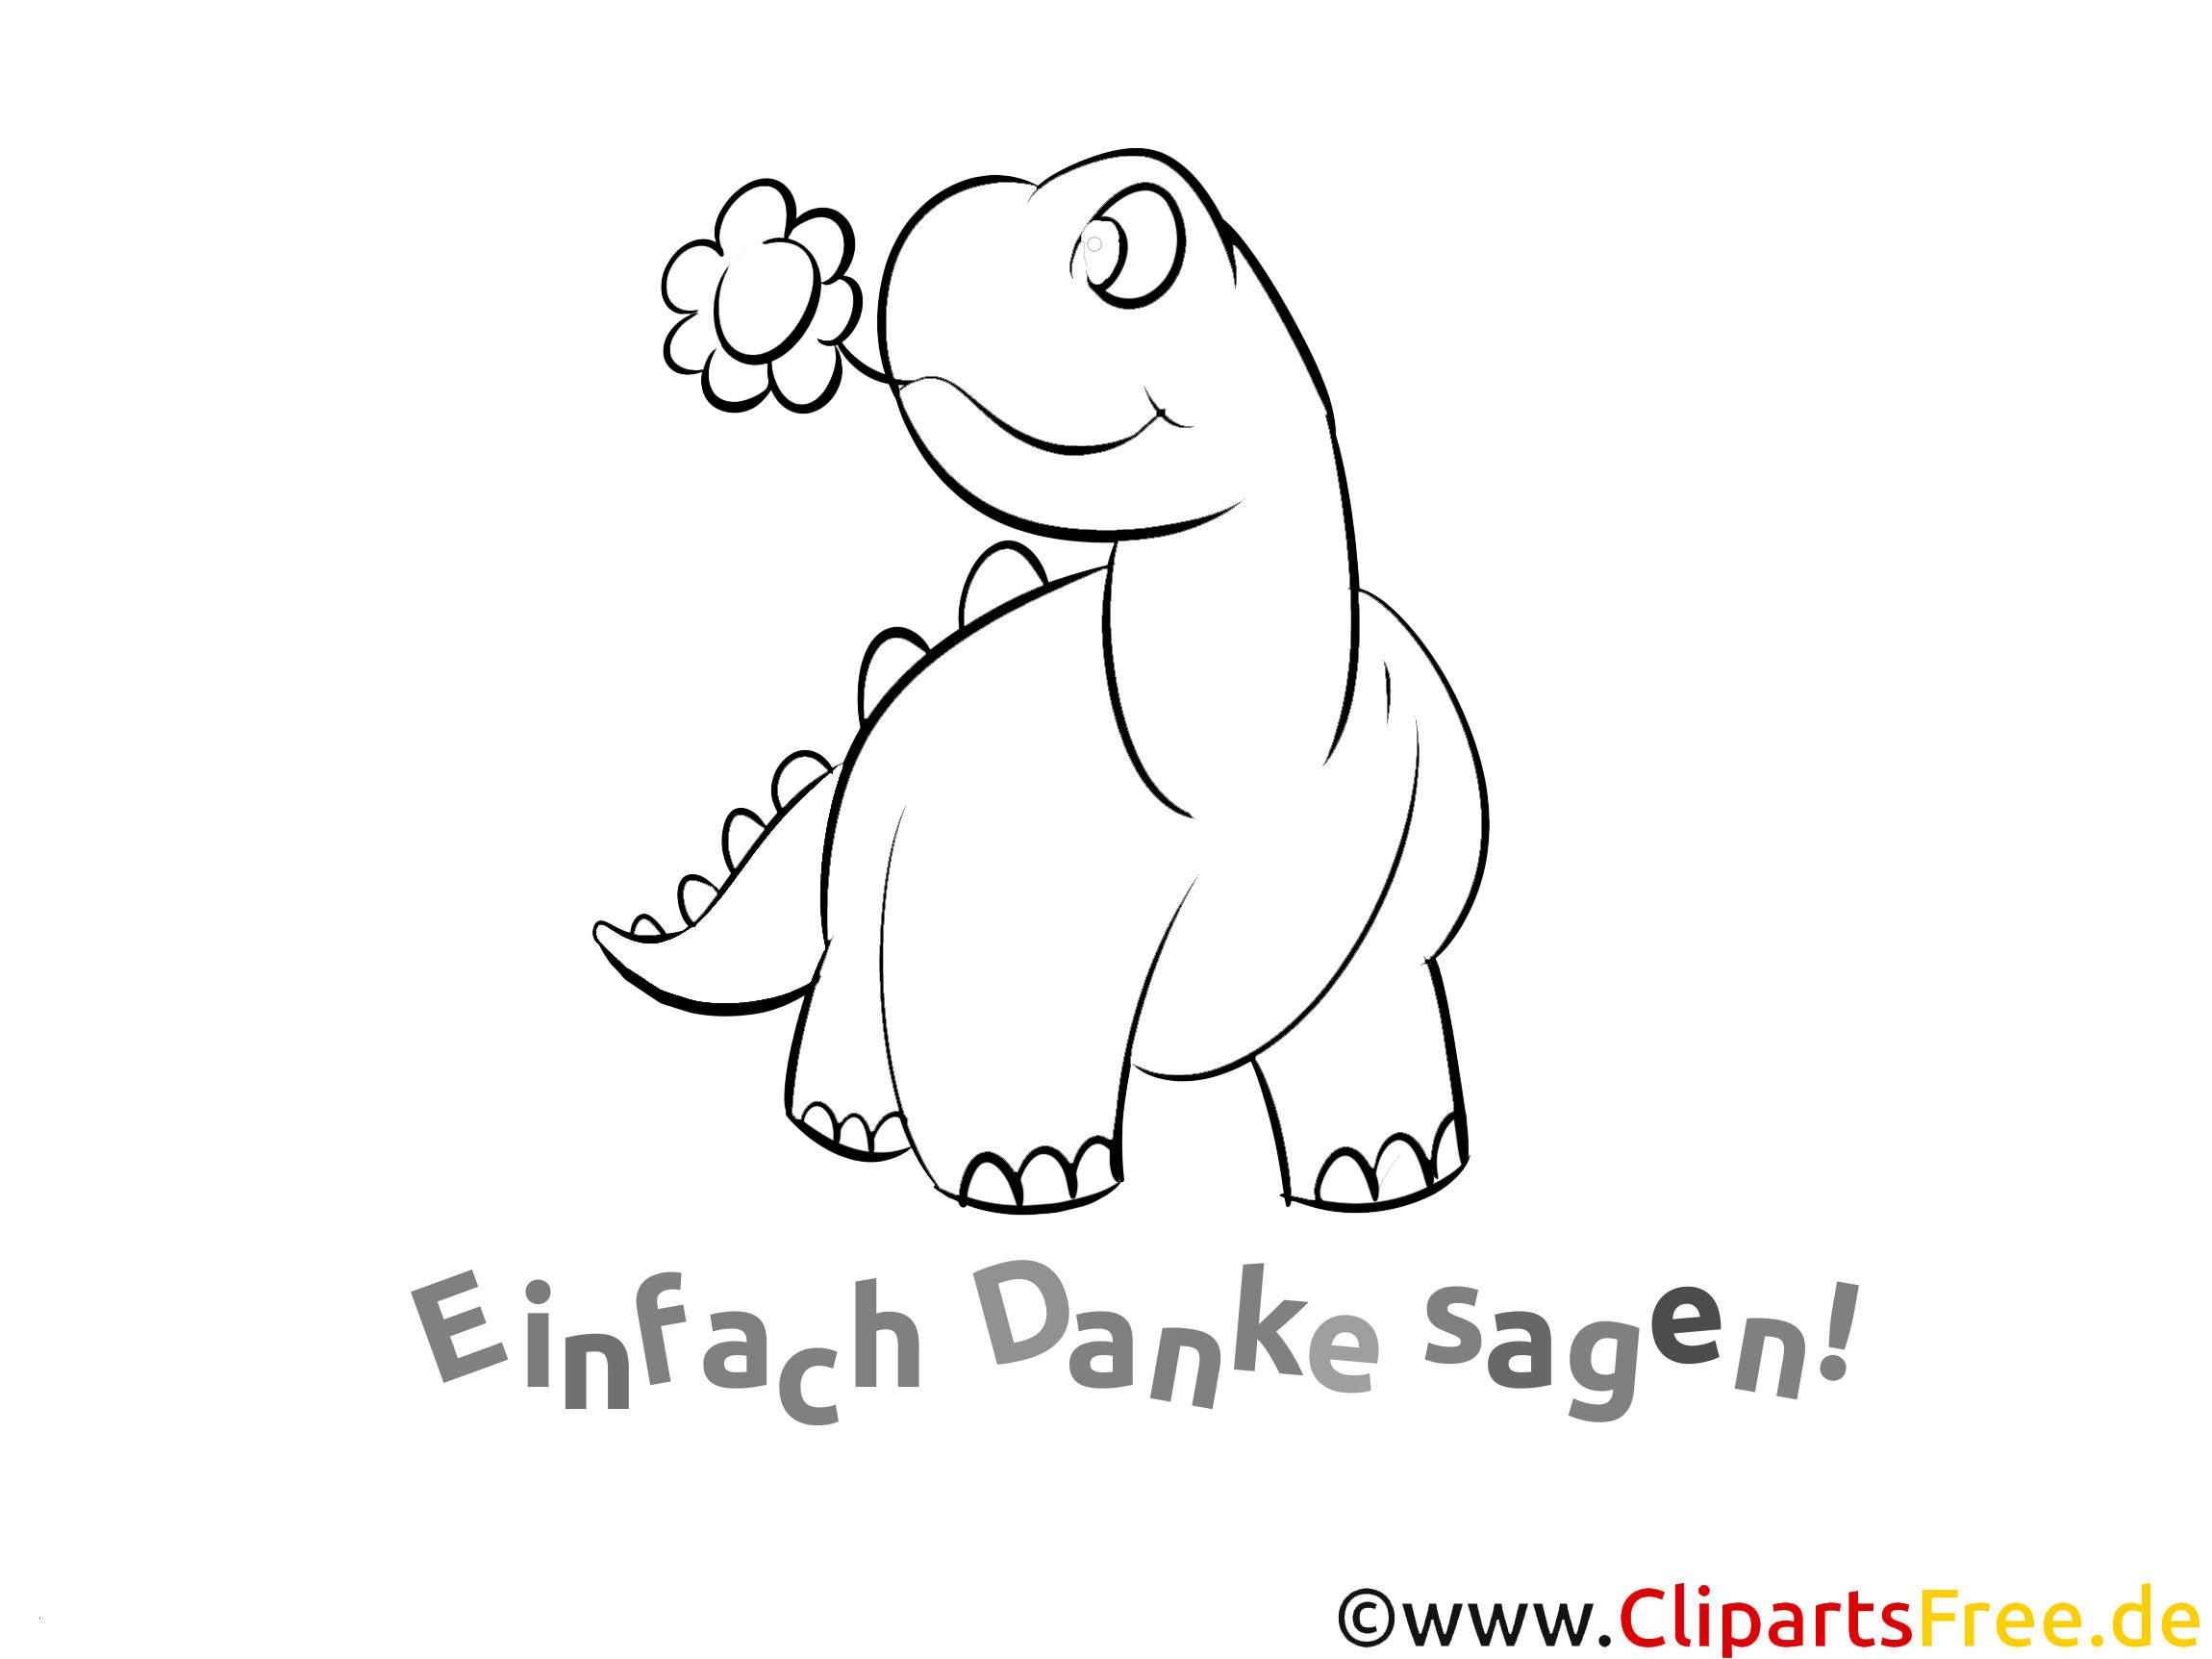 Ausmalbilder Zum Ausdrucken Minions Genial Mandala Ostern Malvorlagen Schön Dinosaurier Ausmalbilder Dankworte Fotos